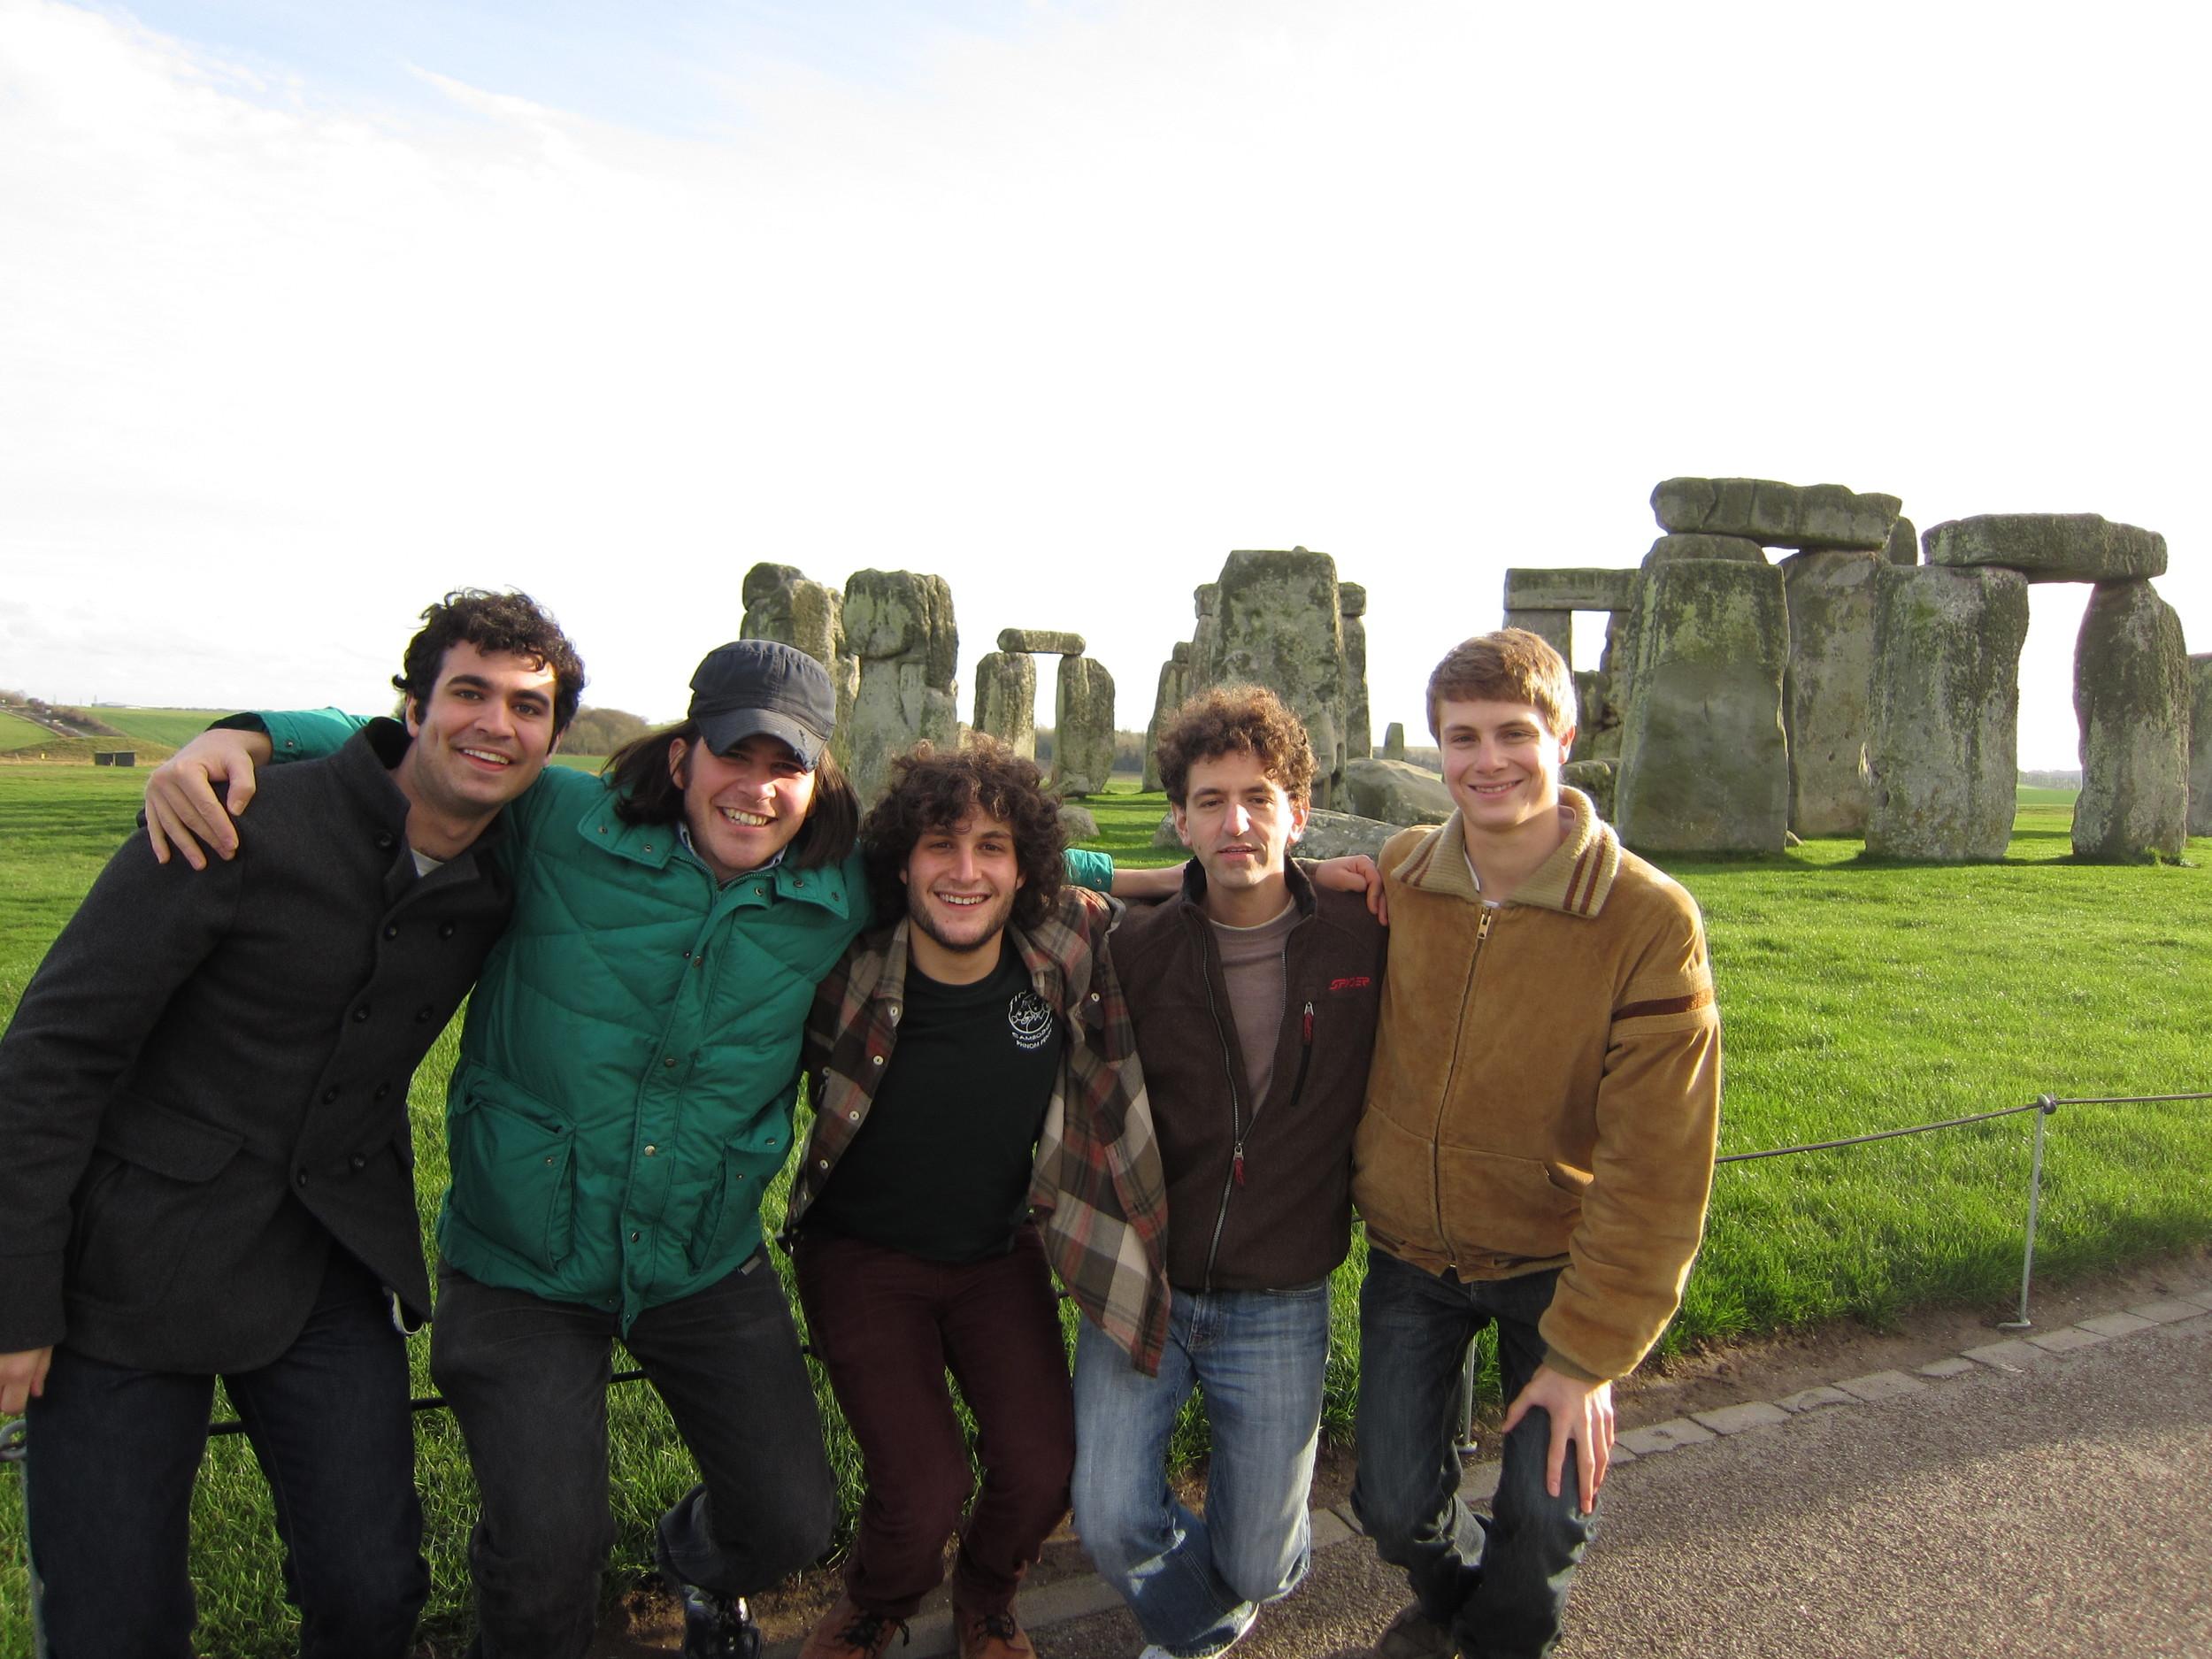 The Deadly Gentlemen at Stonehenge in 2011